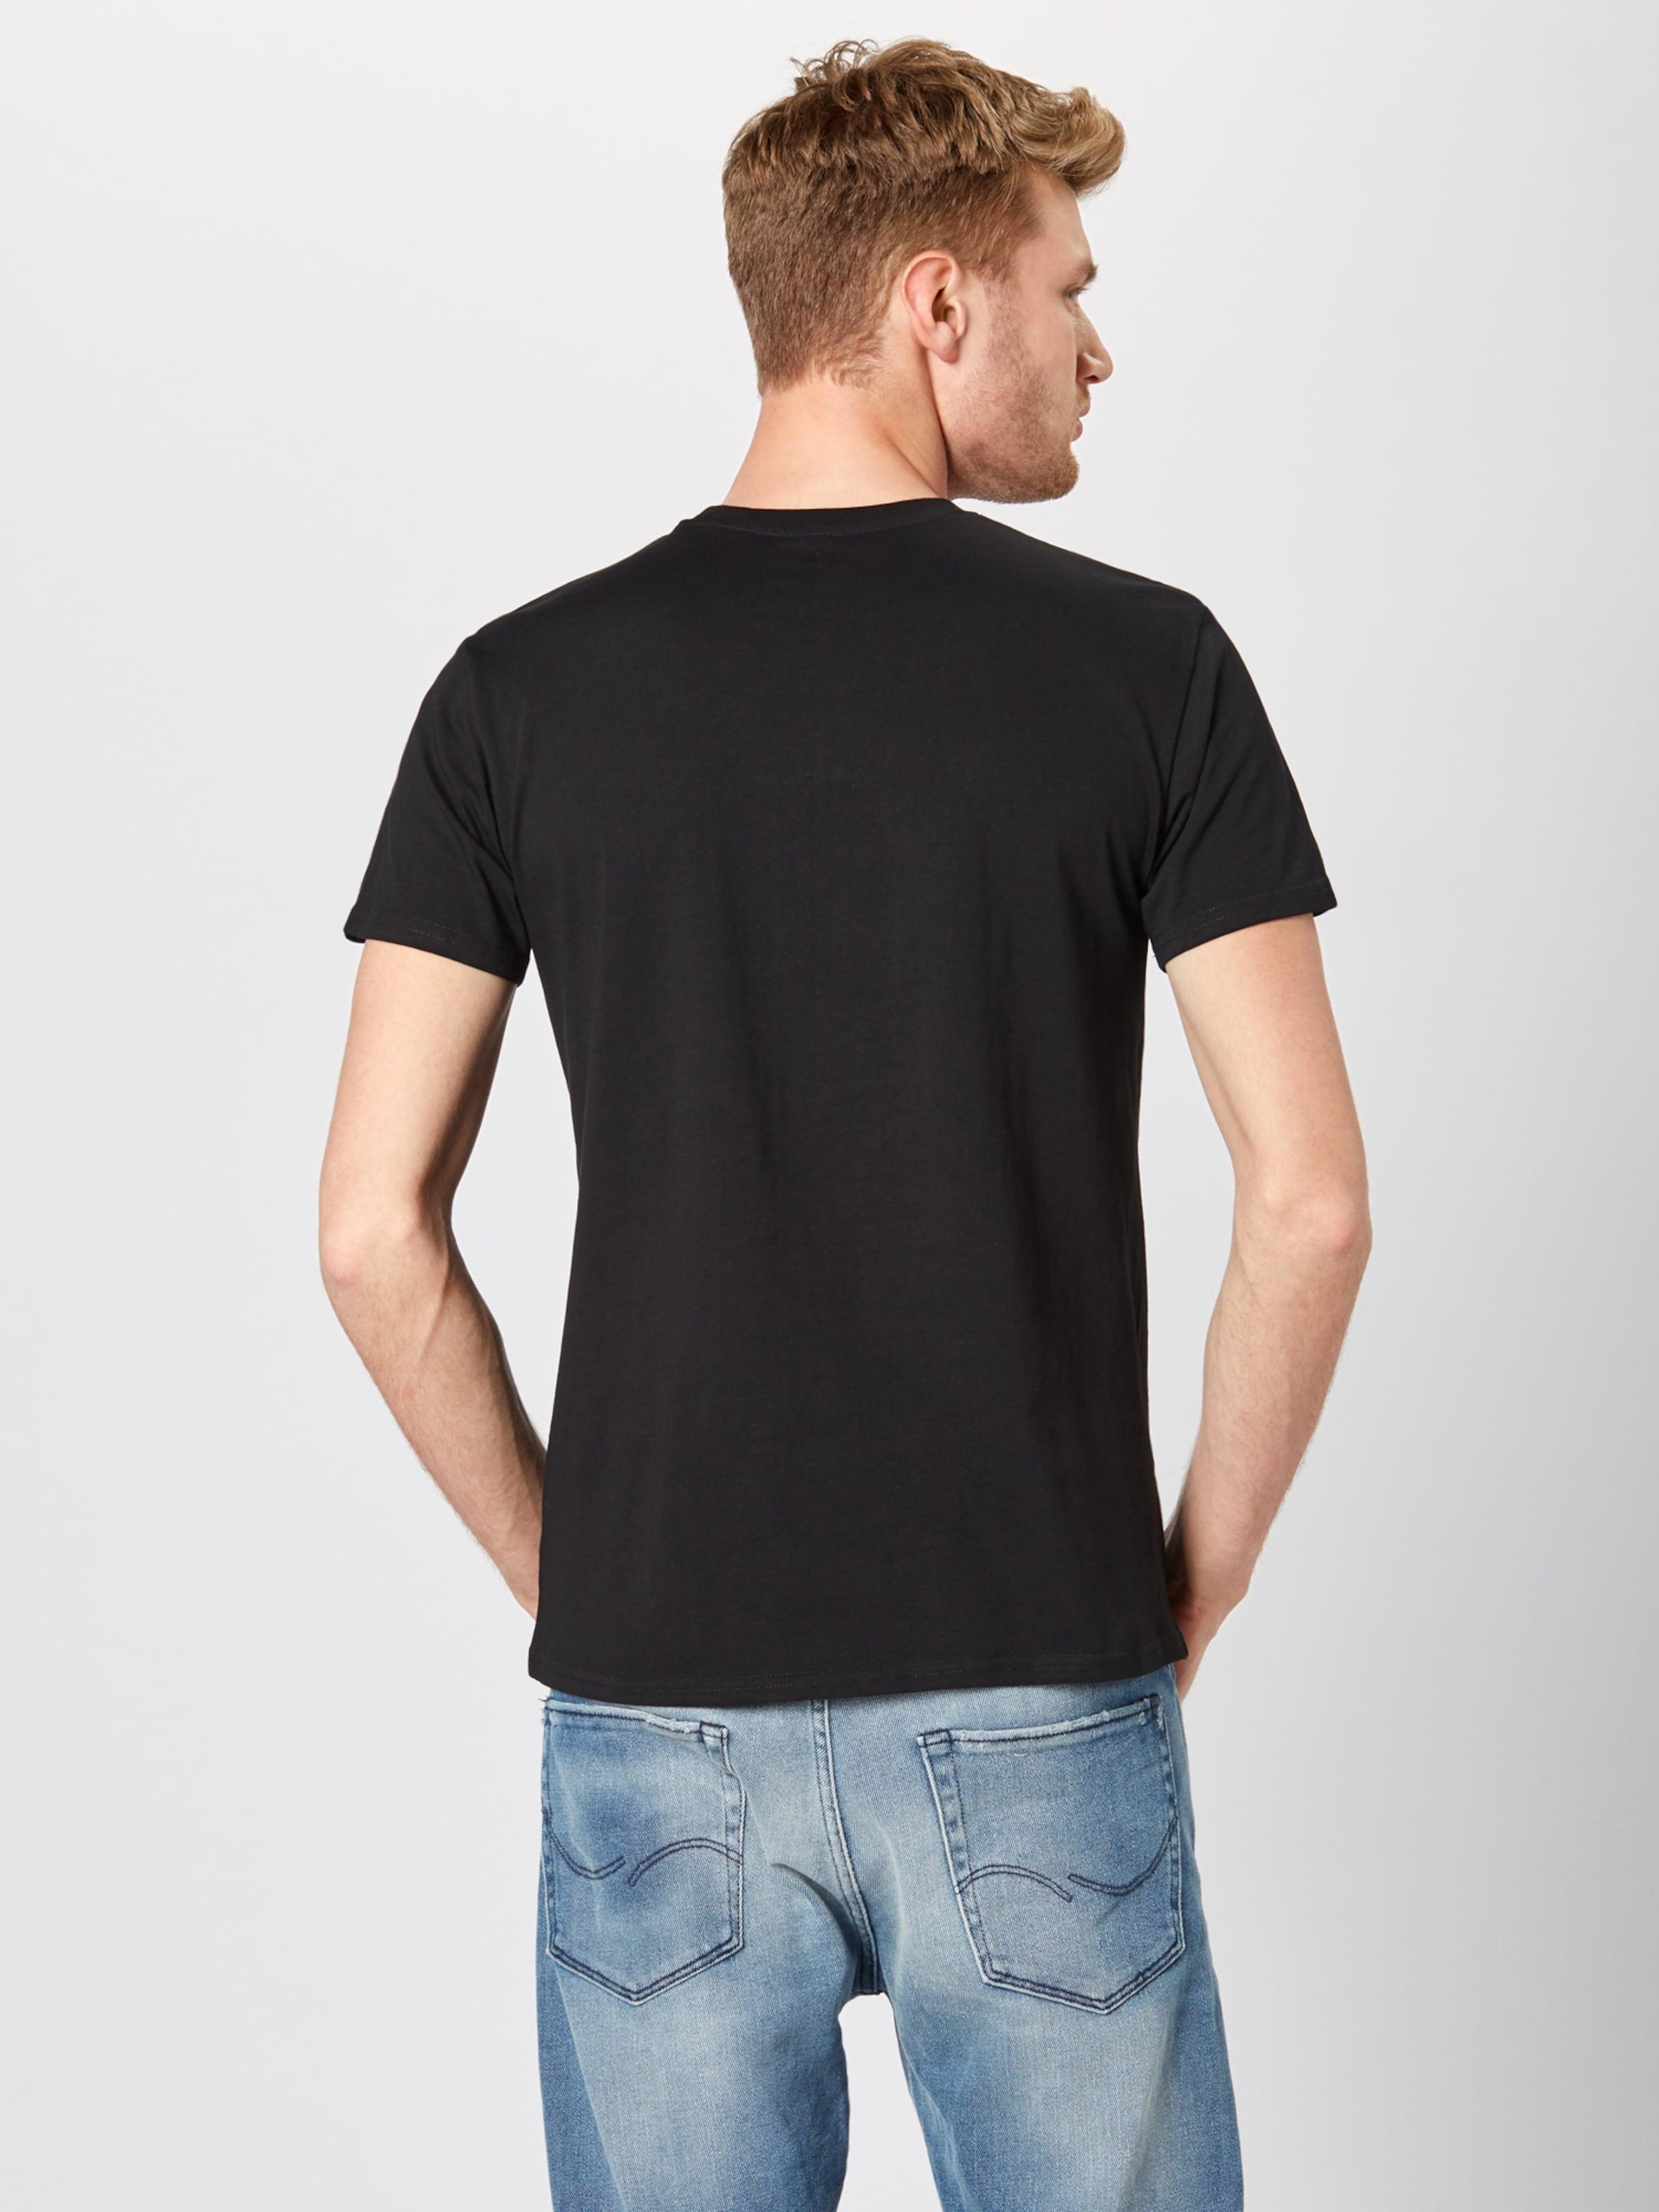 Tee Tee' BleuNoir Mister shirt T Laser 'star Wars En kw80nOPX